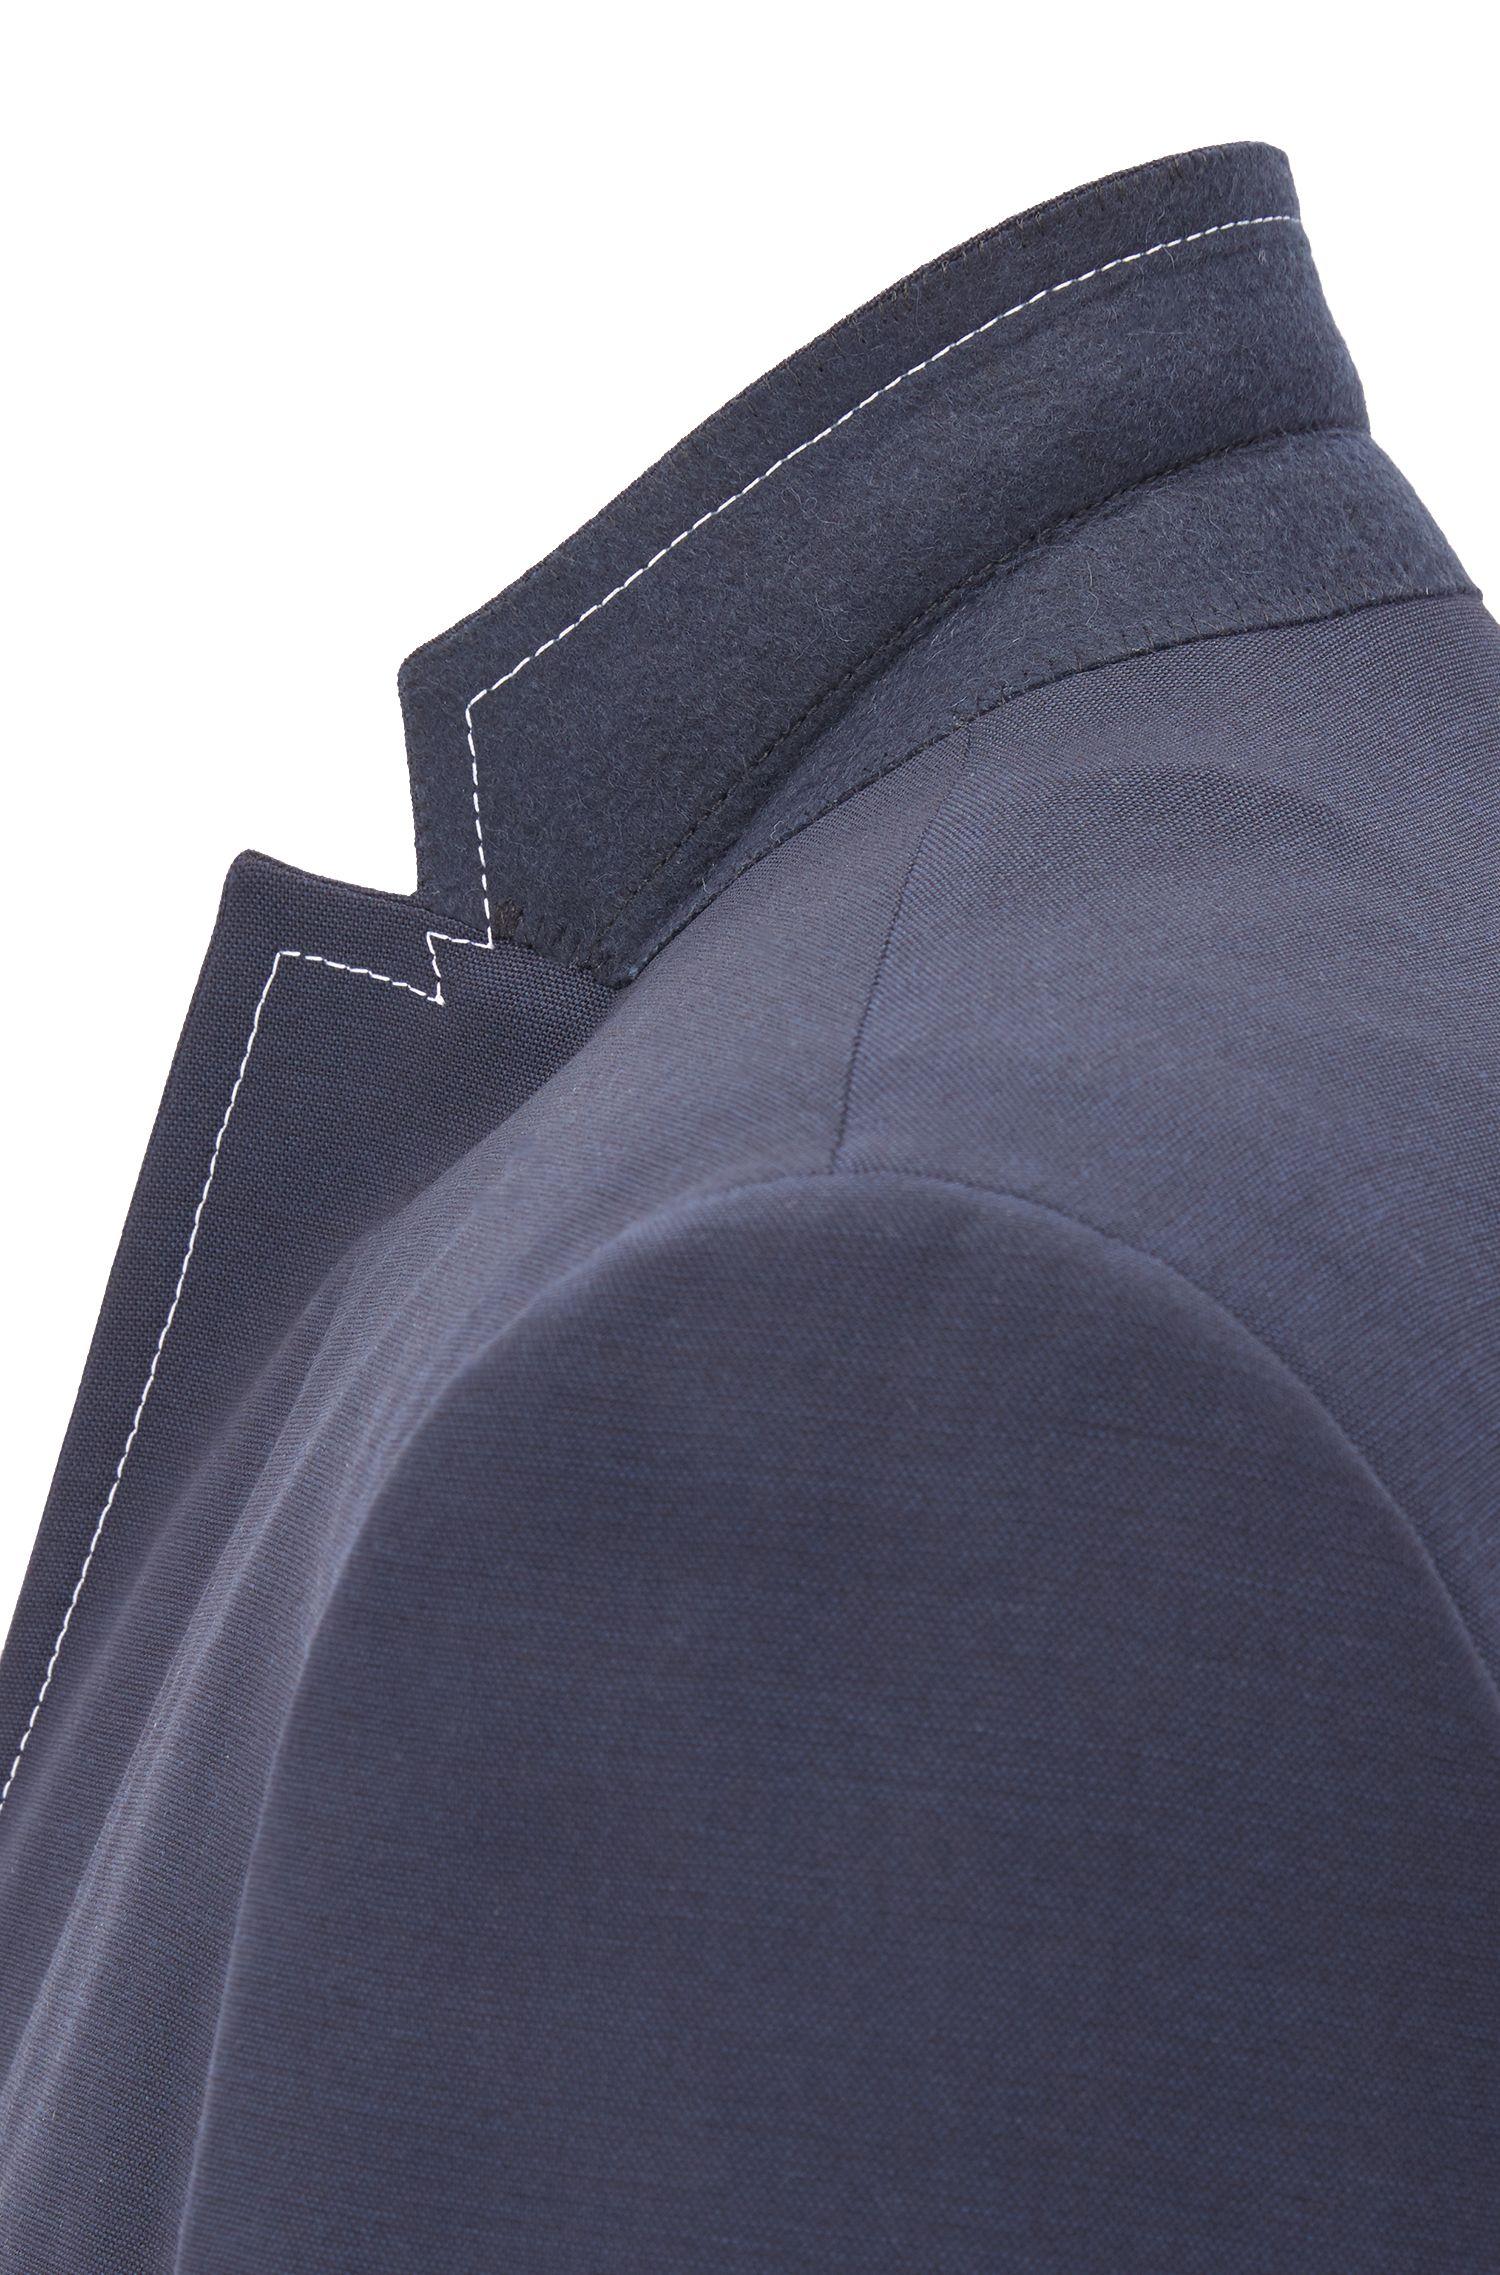 Extra Slim-Fit Sakko aus Schurwolle mit Kontrastnähten